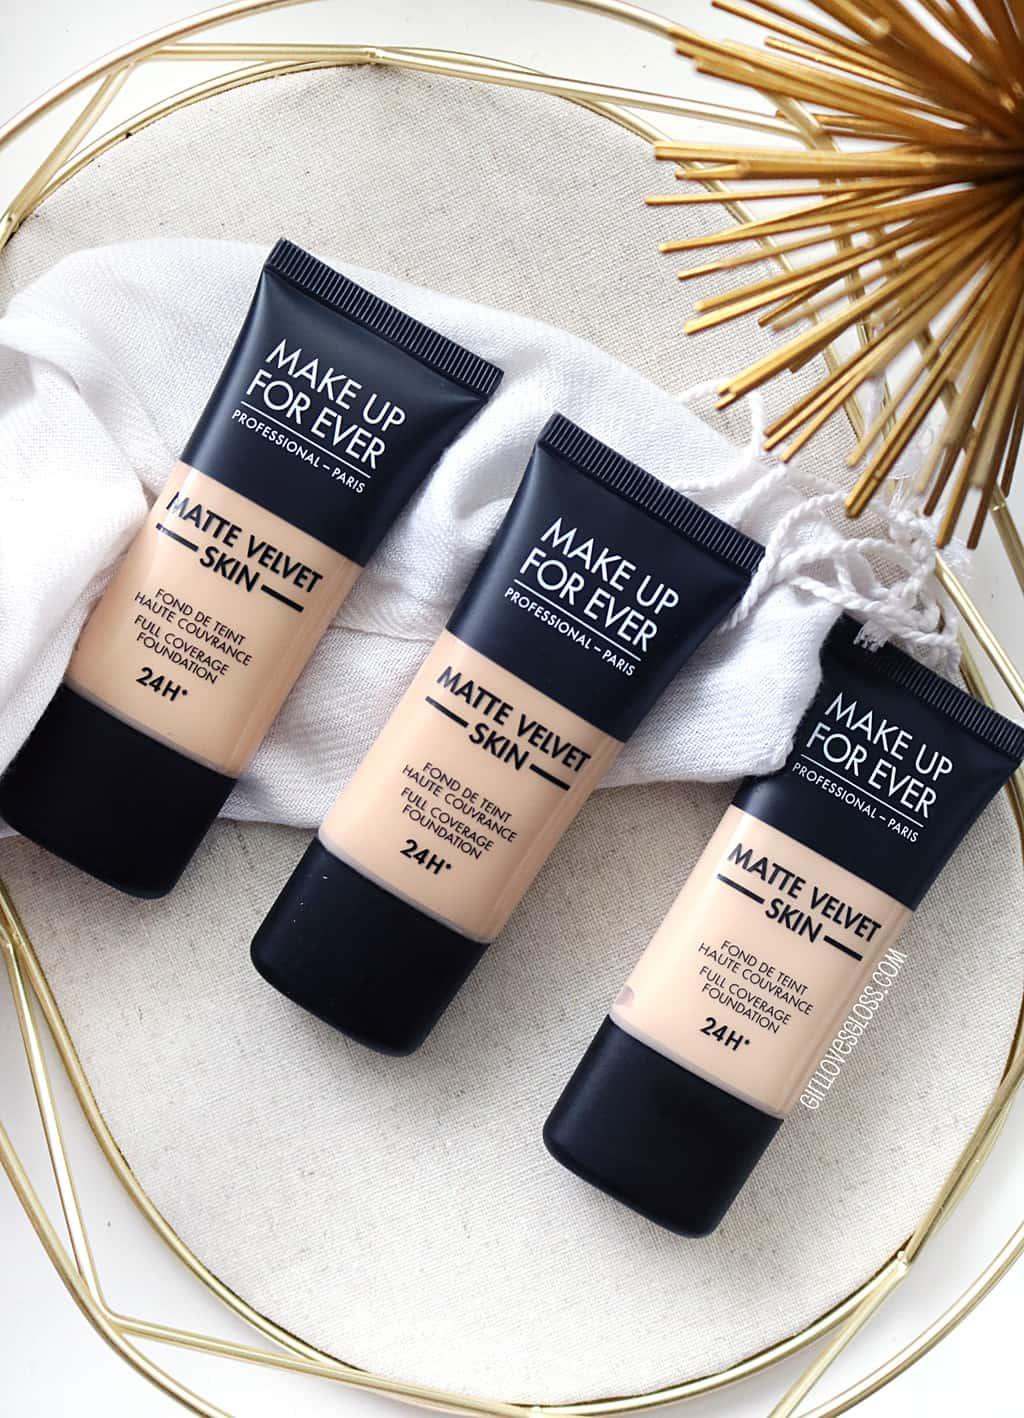 Make Up For Ever Matte Velvet Skin Foundation